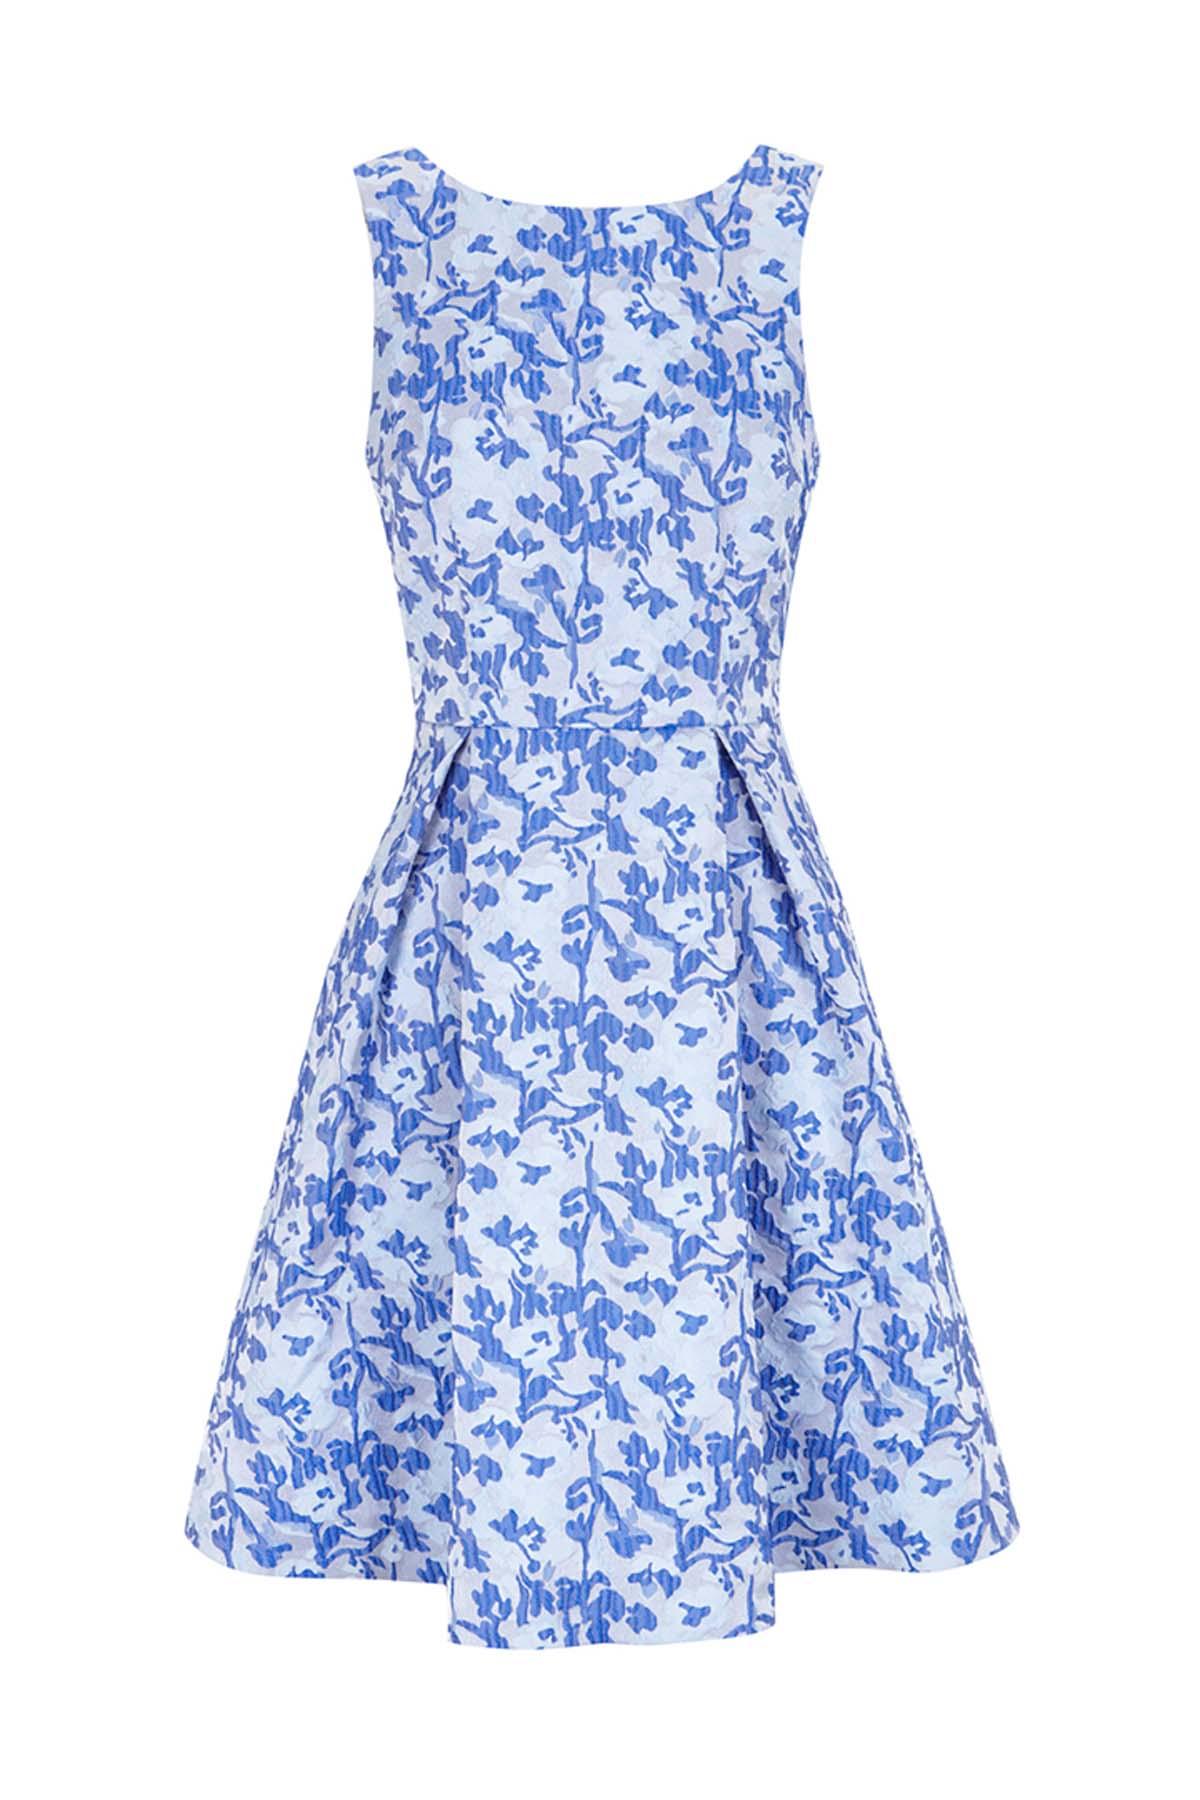 Teria Yabar - Vestido Orsay de estampado floral